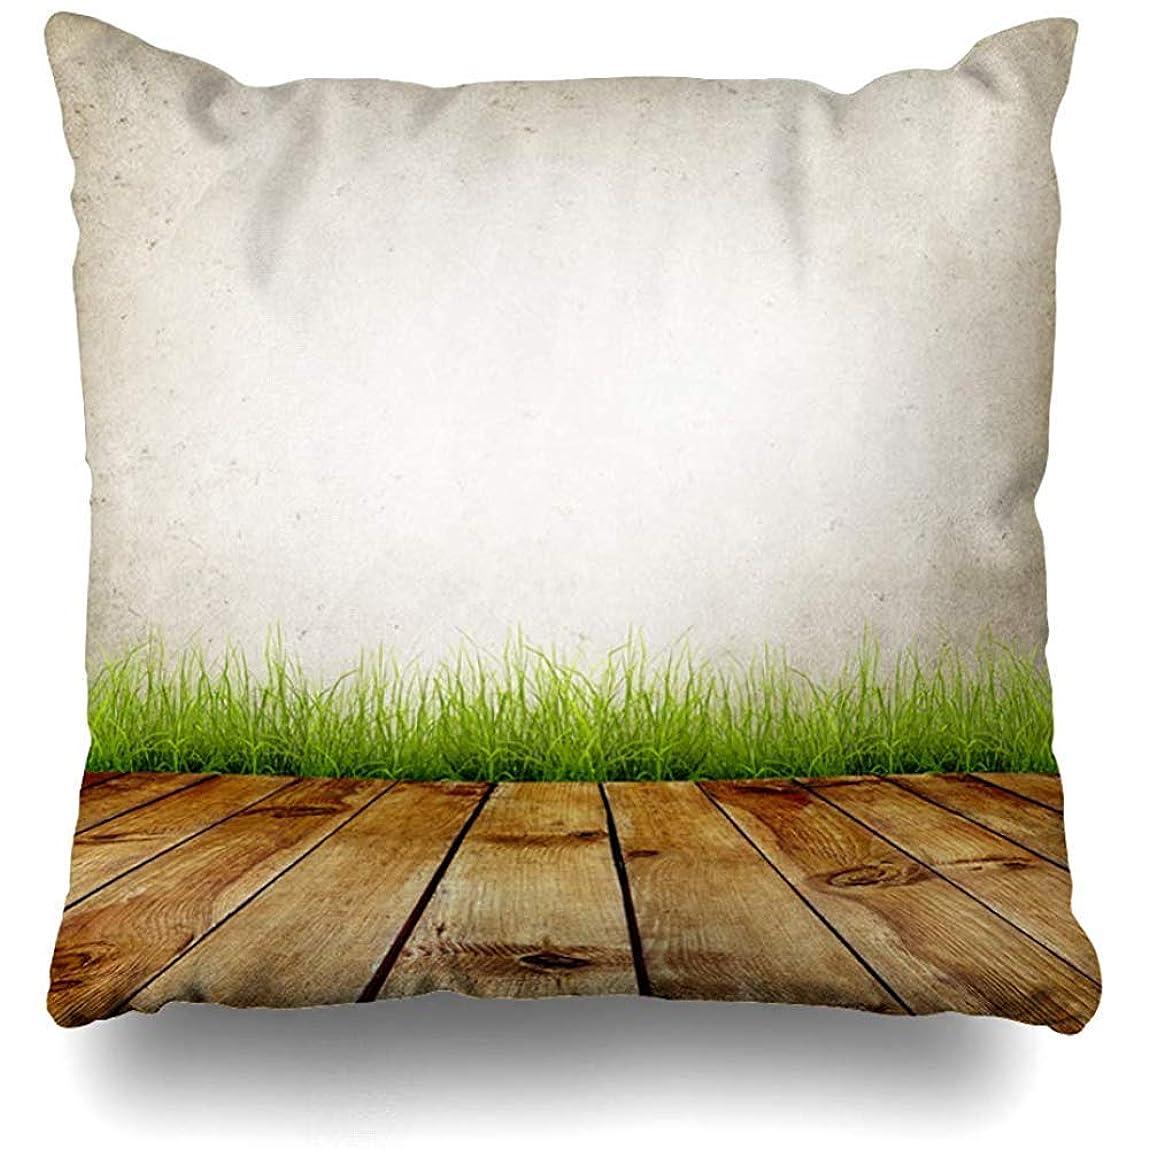 クアッガ弱点価格XixiL Old Wall and Green Grass on Wood Floor Decorative Throw Pillowcase Two Sides Printed Fashion Style Zippered Cushion Pillow Cover 20 x 20 inch 枕カバー;正方形; 20 * 20インチ;家;手頃な価格;